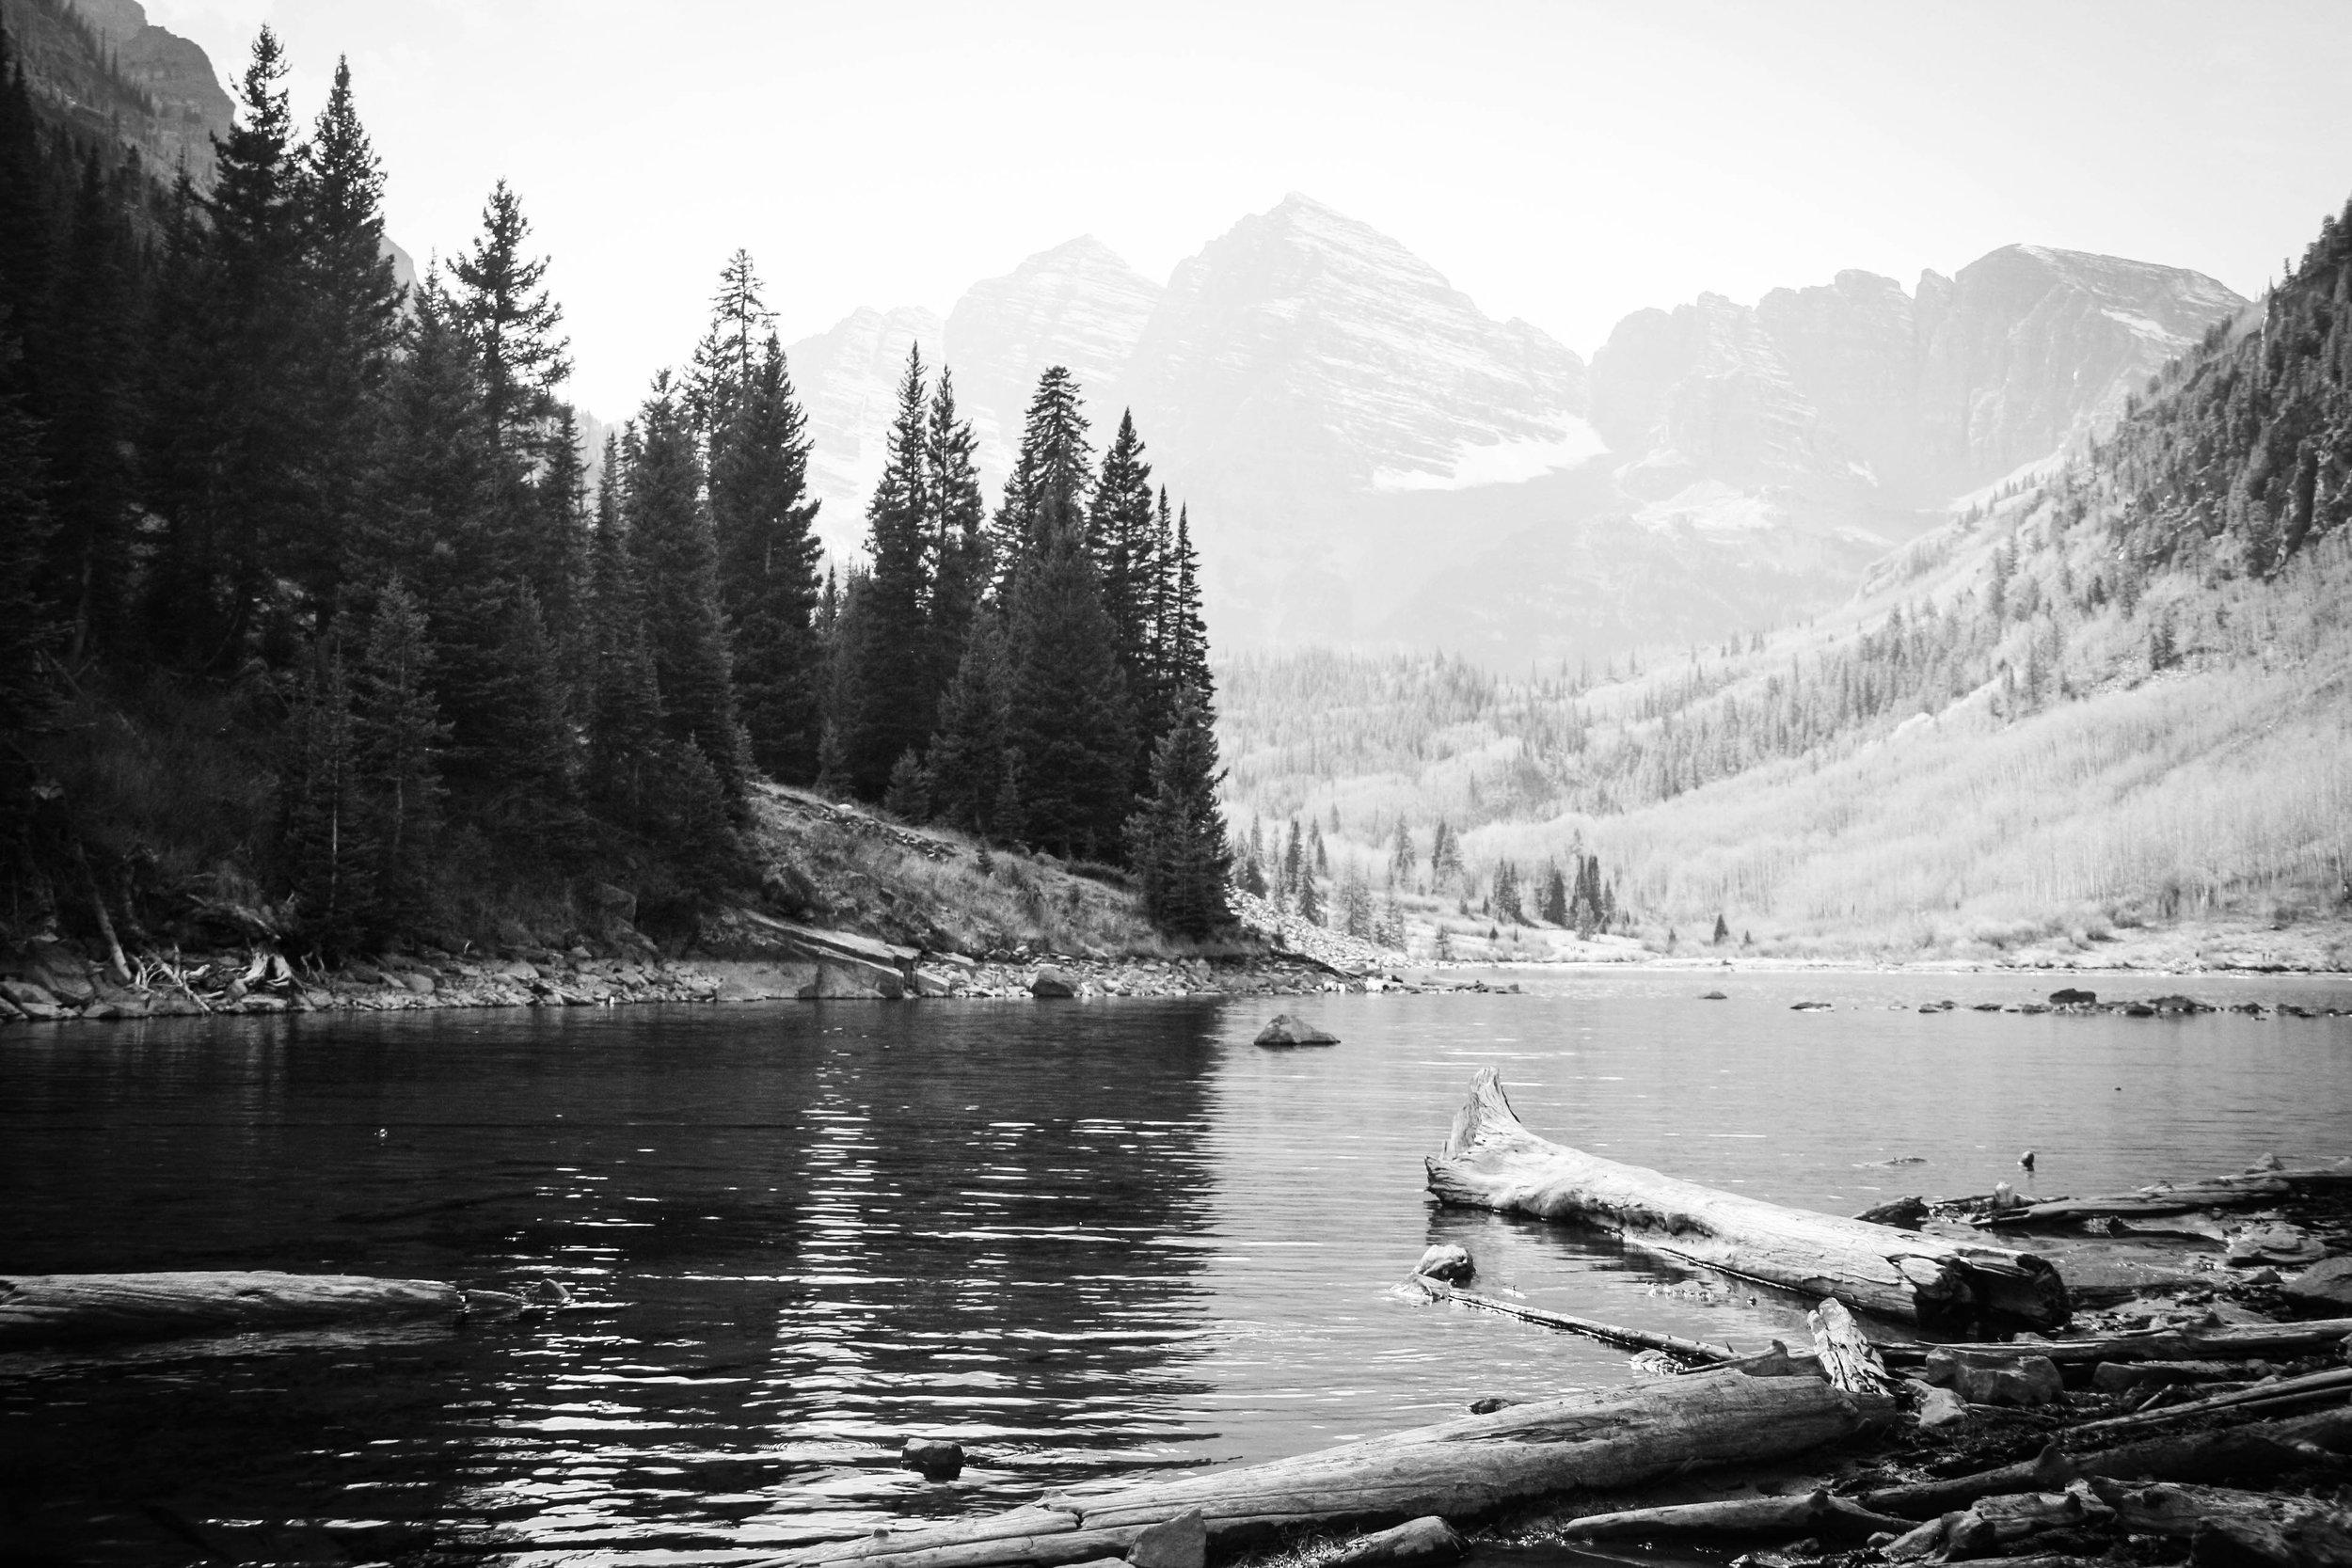 Image Title: Maroon Bells, Aspen CO